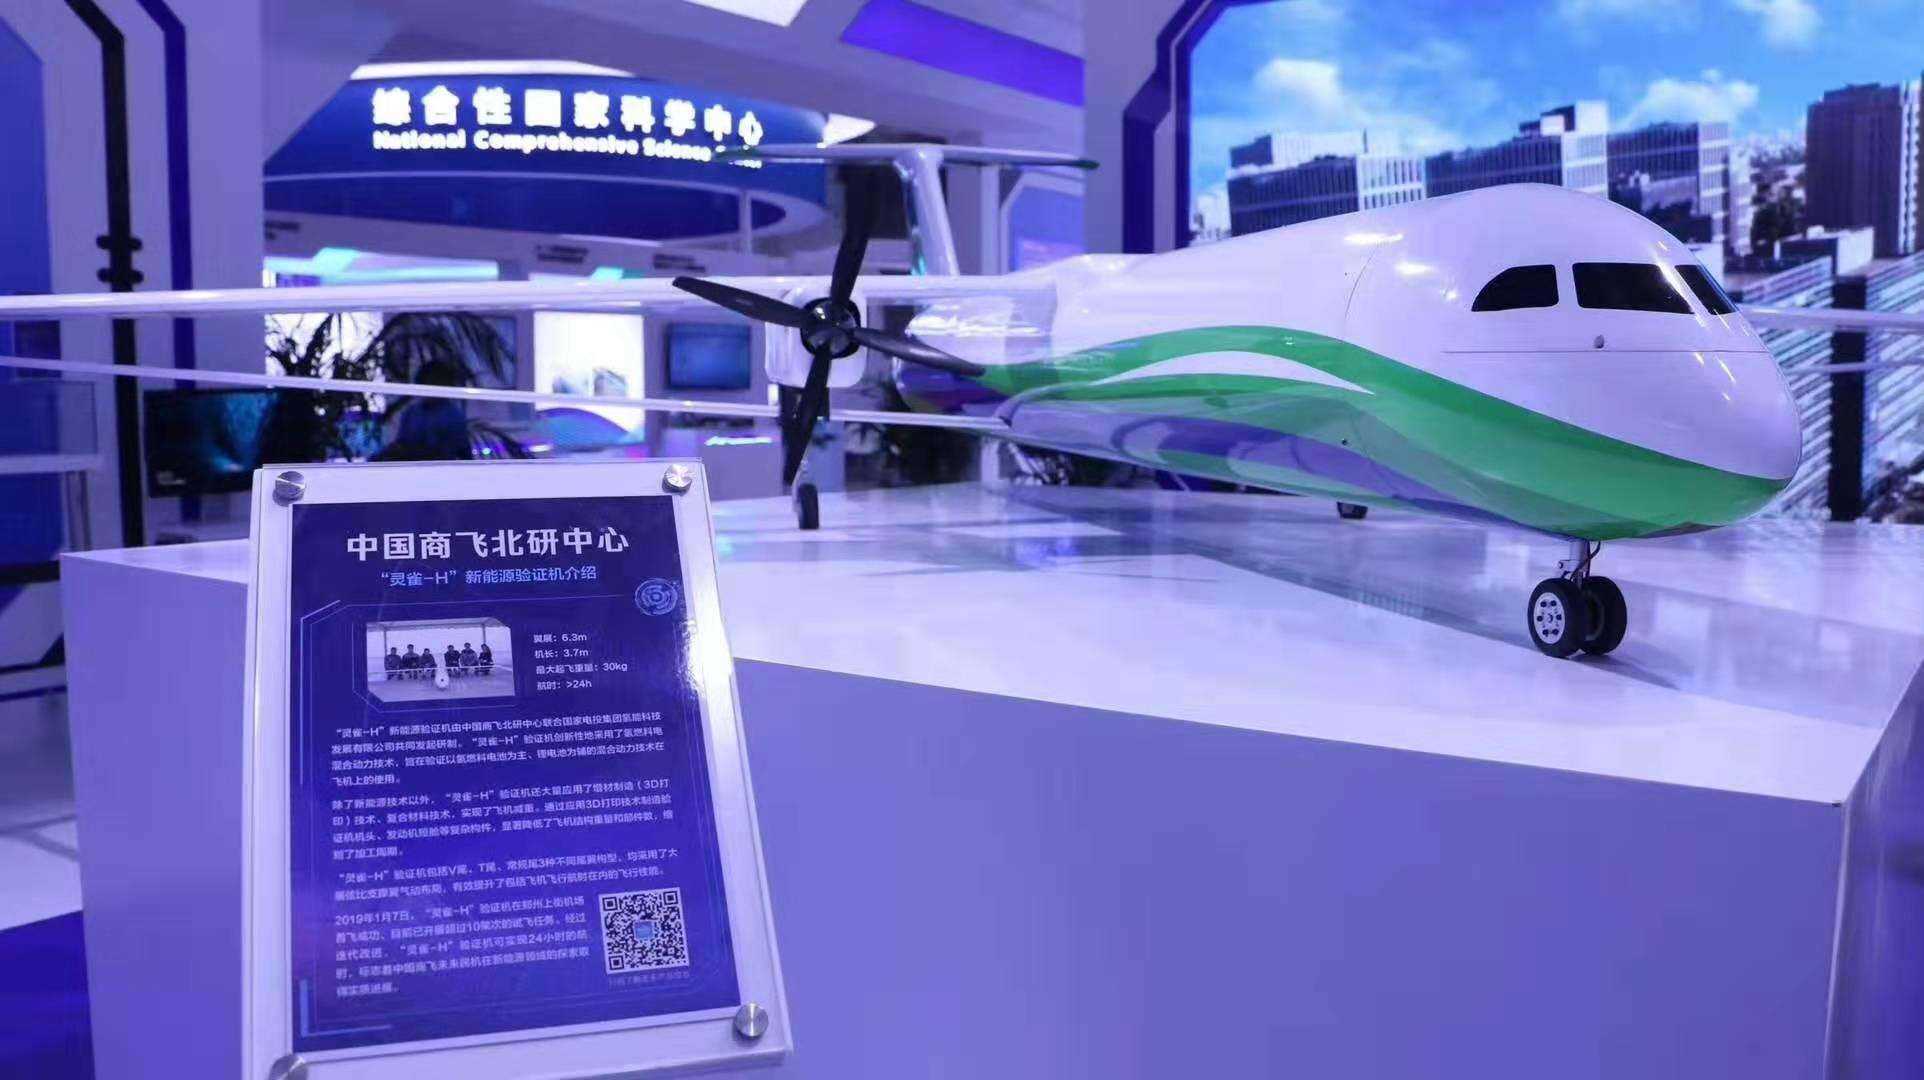 热!聚焦国家经济社会发展 推动科技创新中心建设 2020北京科博会再次启动